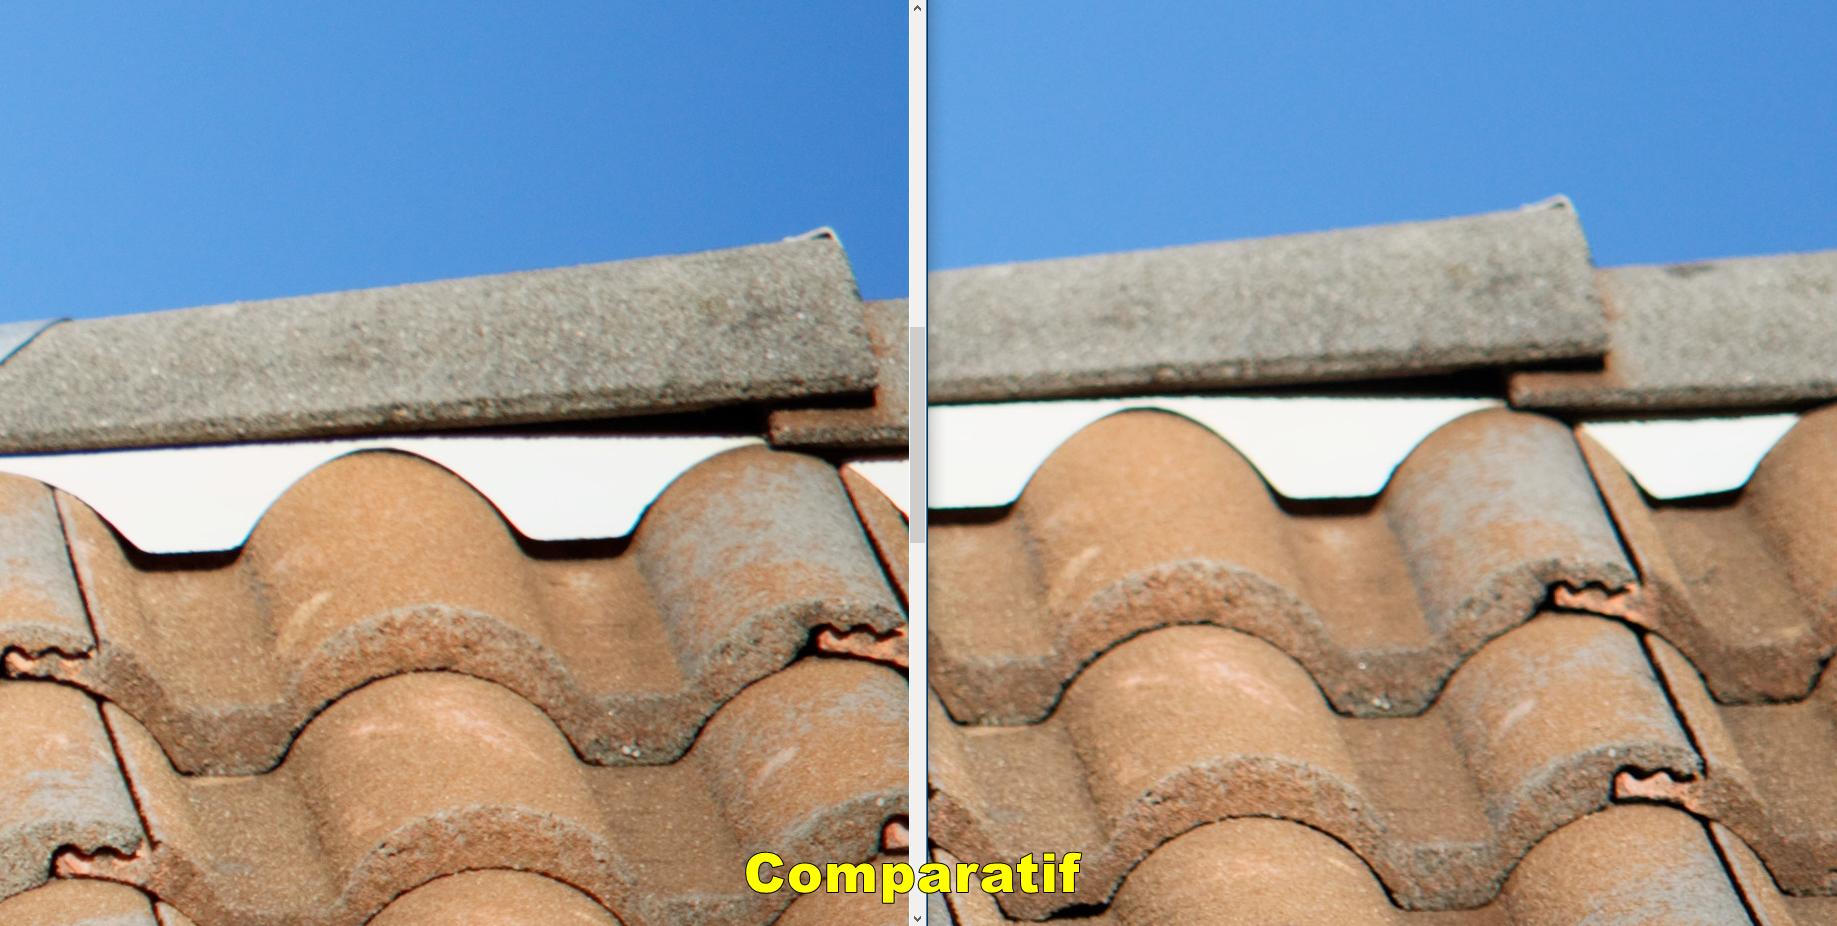 Match comparatif Sigma Tele-Converter 1.4x Ex DG contre Canon extender 1,4x II par Beanico